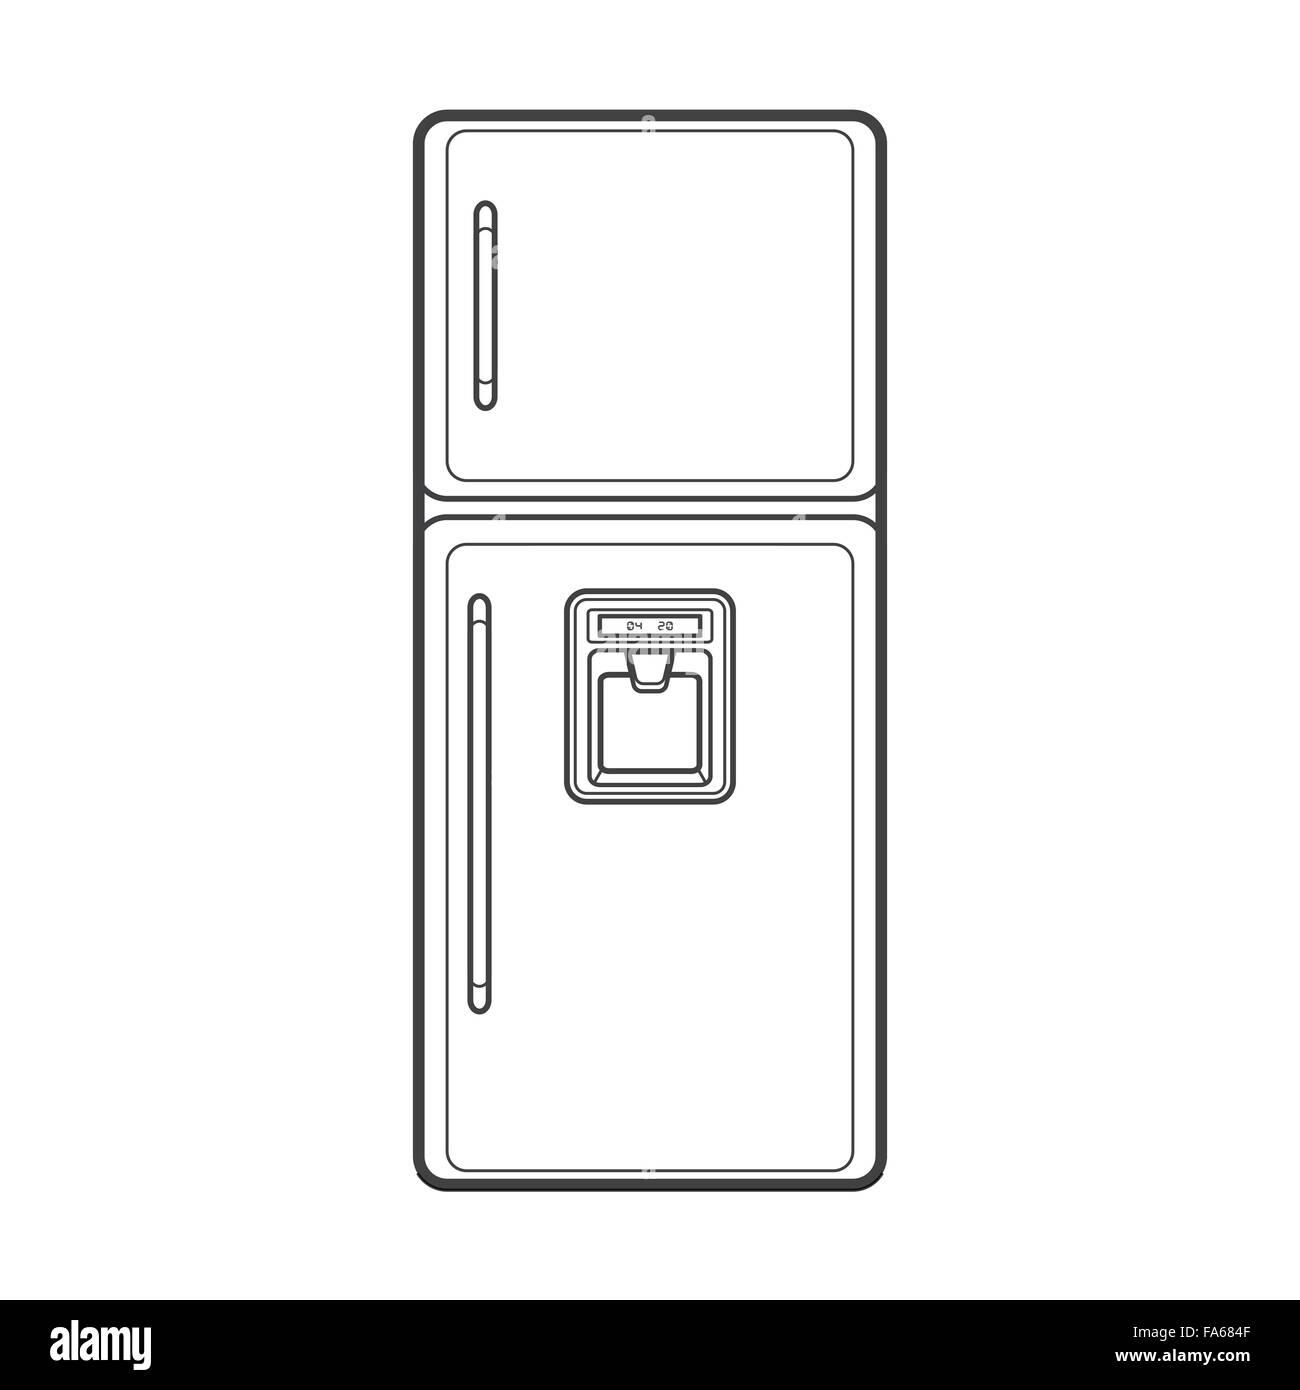 Vektor monochrome Kontur Küche Kühlschrank Wasserspender isoliert ...